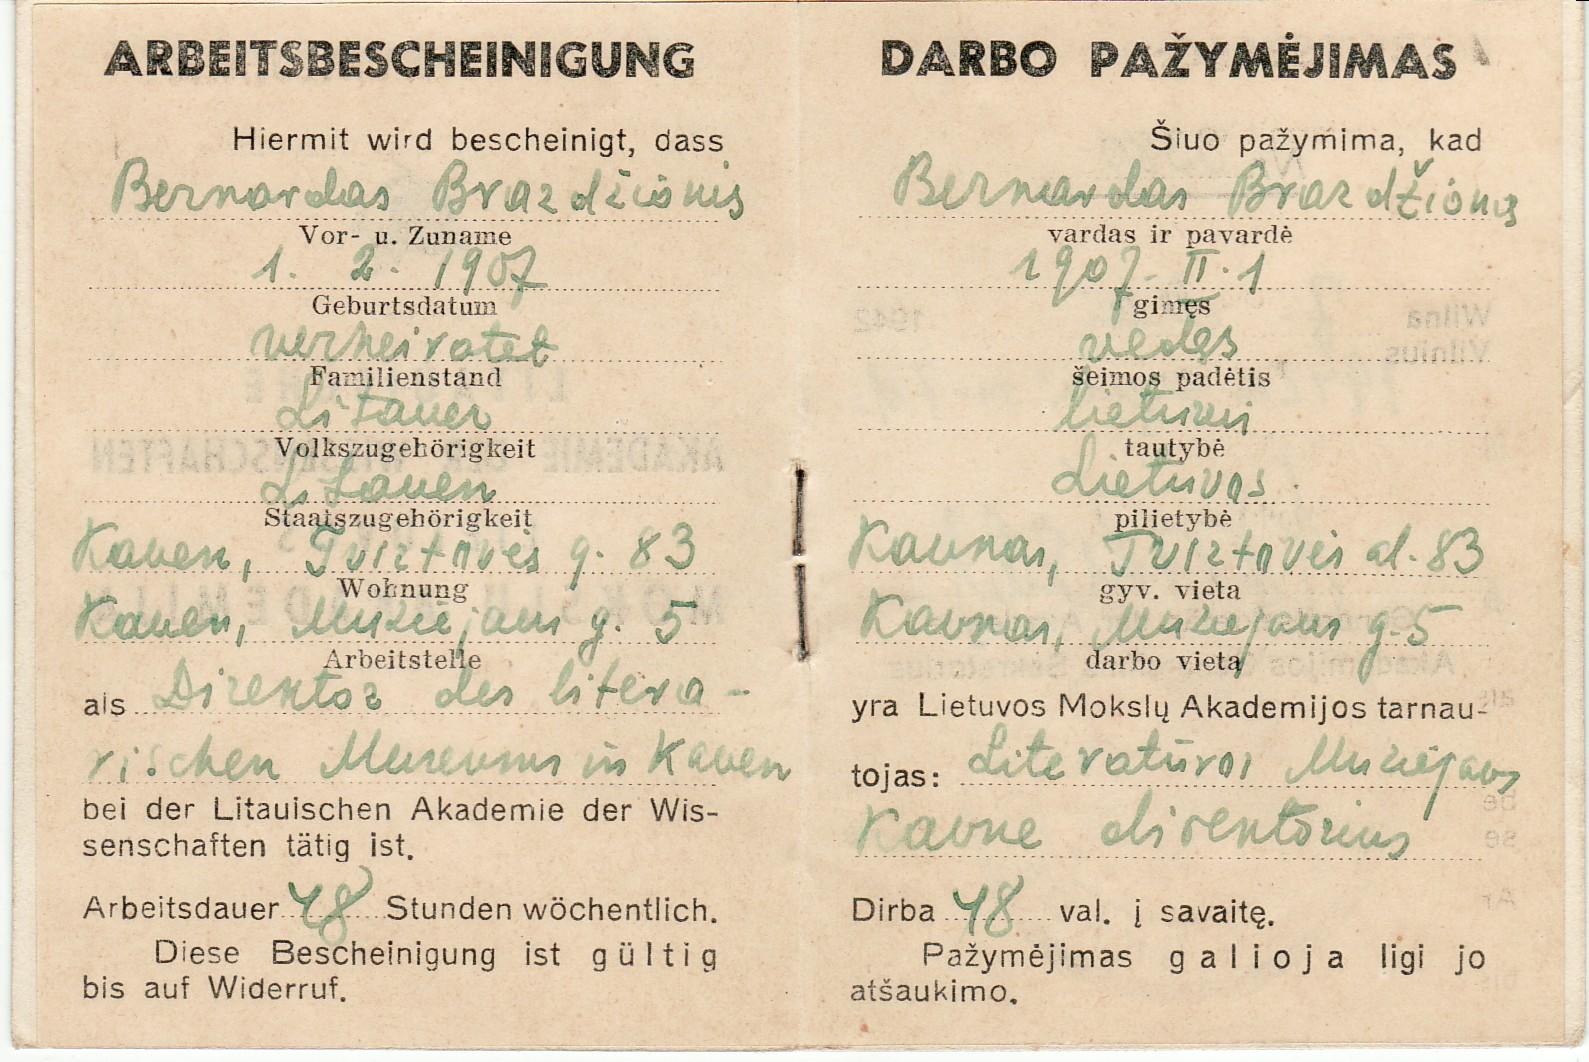 Darbo Maironio muziejuje pažymėjimas, išduotas B. Brazdžioniui 1942 m. gegužės 7 d. Vilniuje